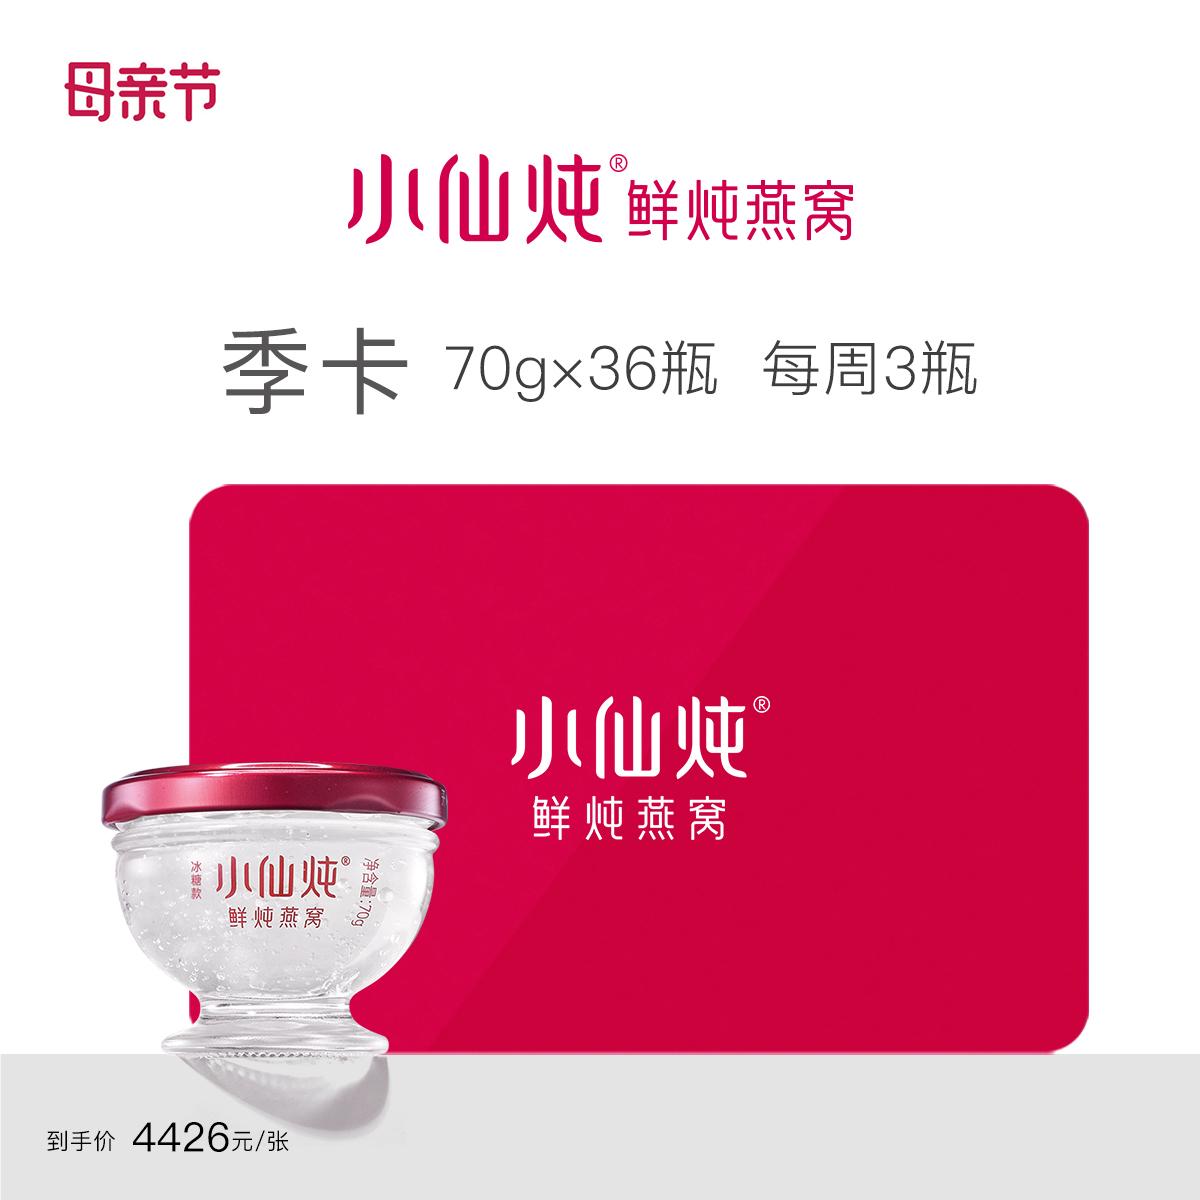 小仙炖鲜炖燕窝70g尊享季卡礼品卡